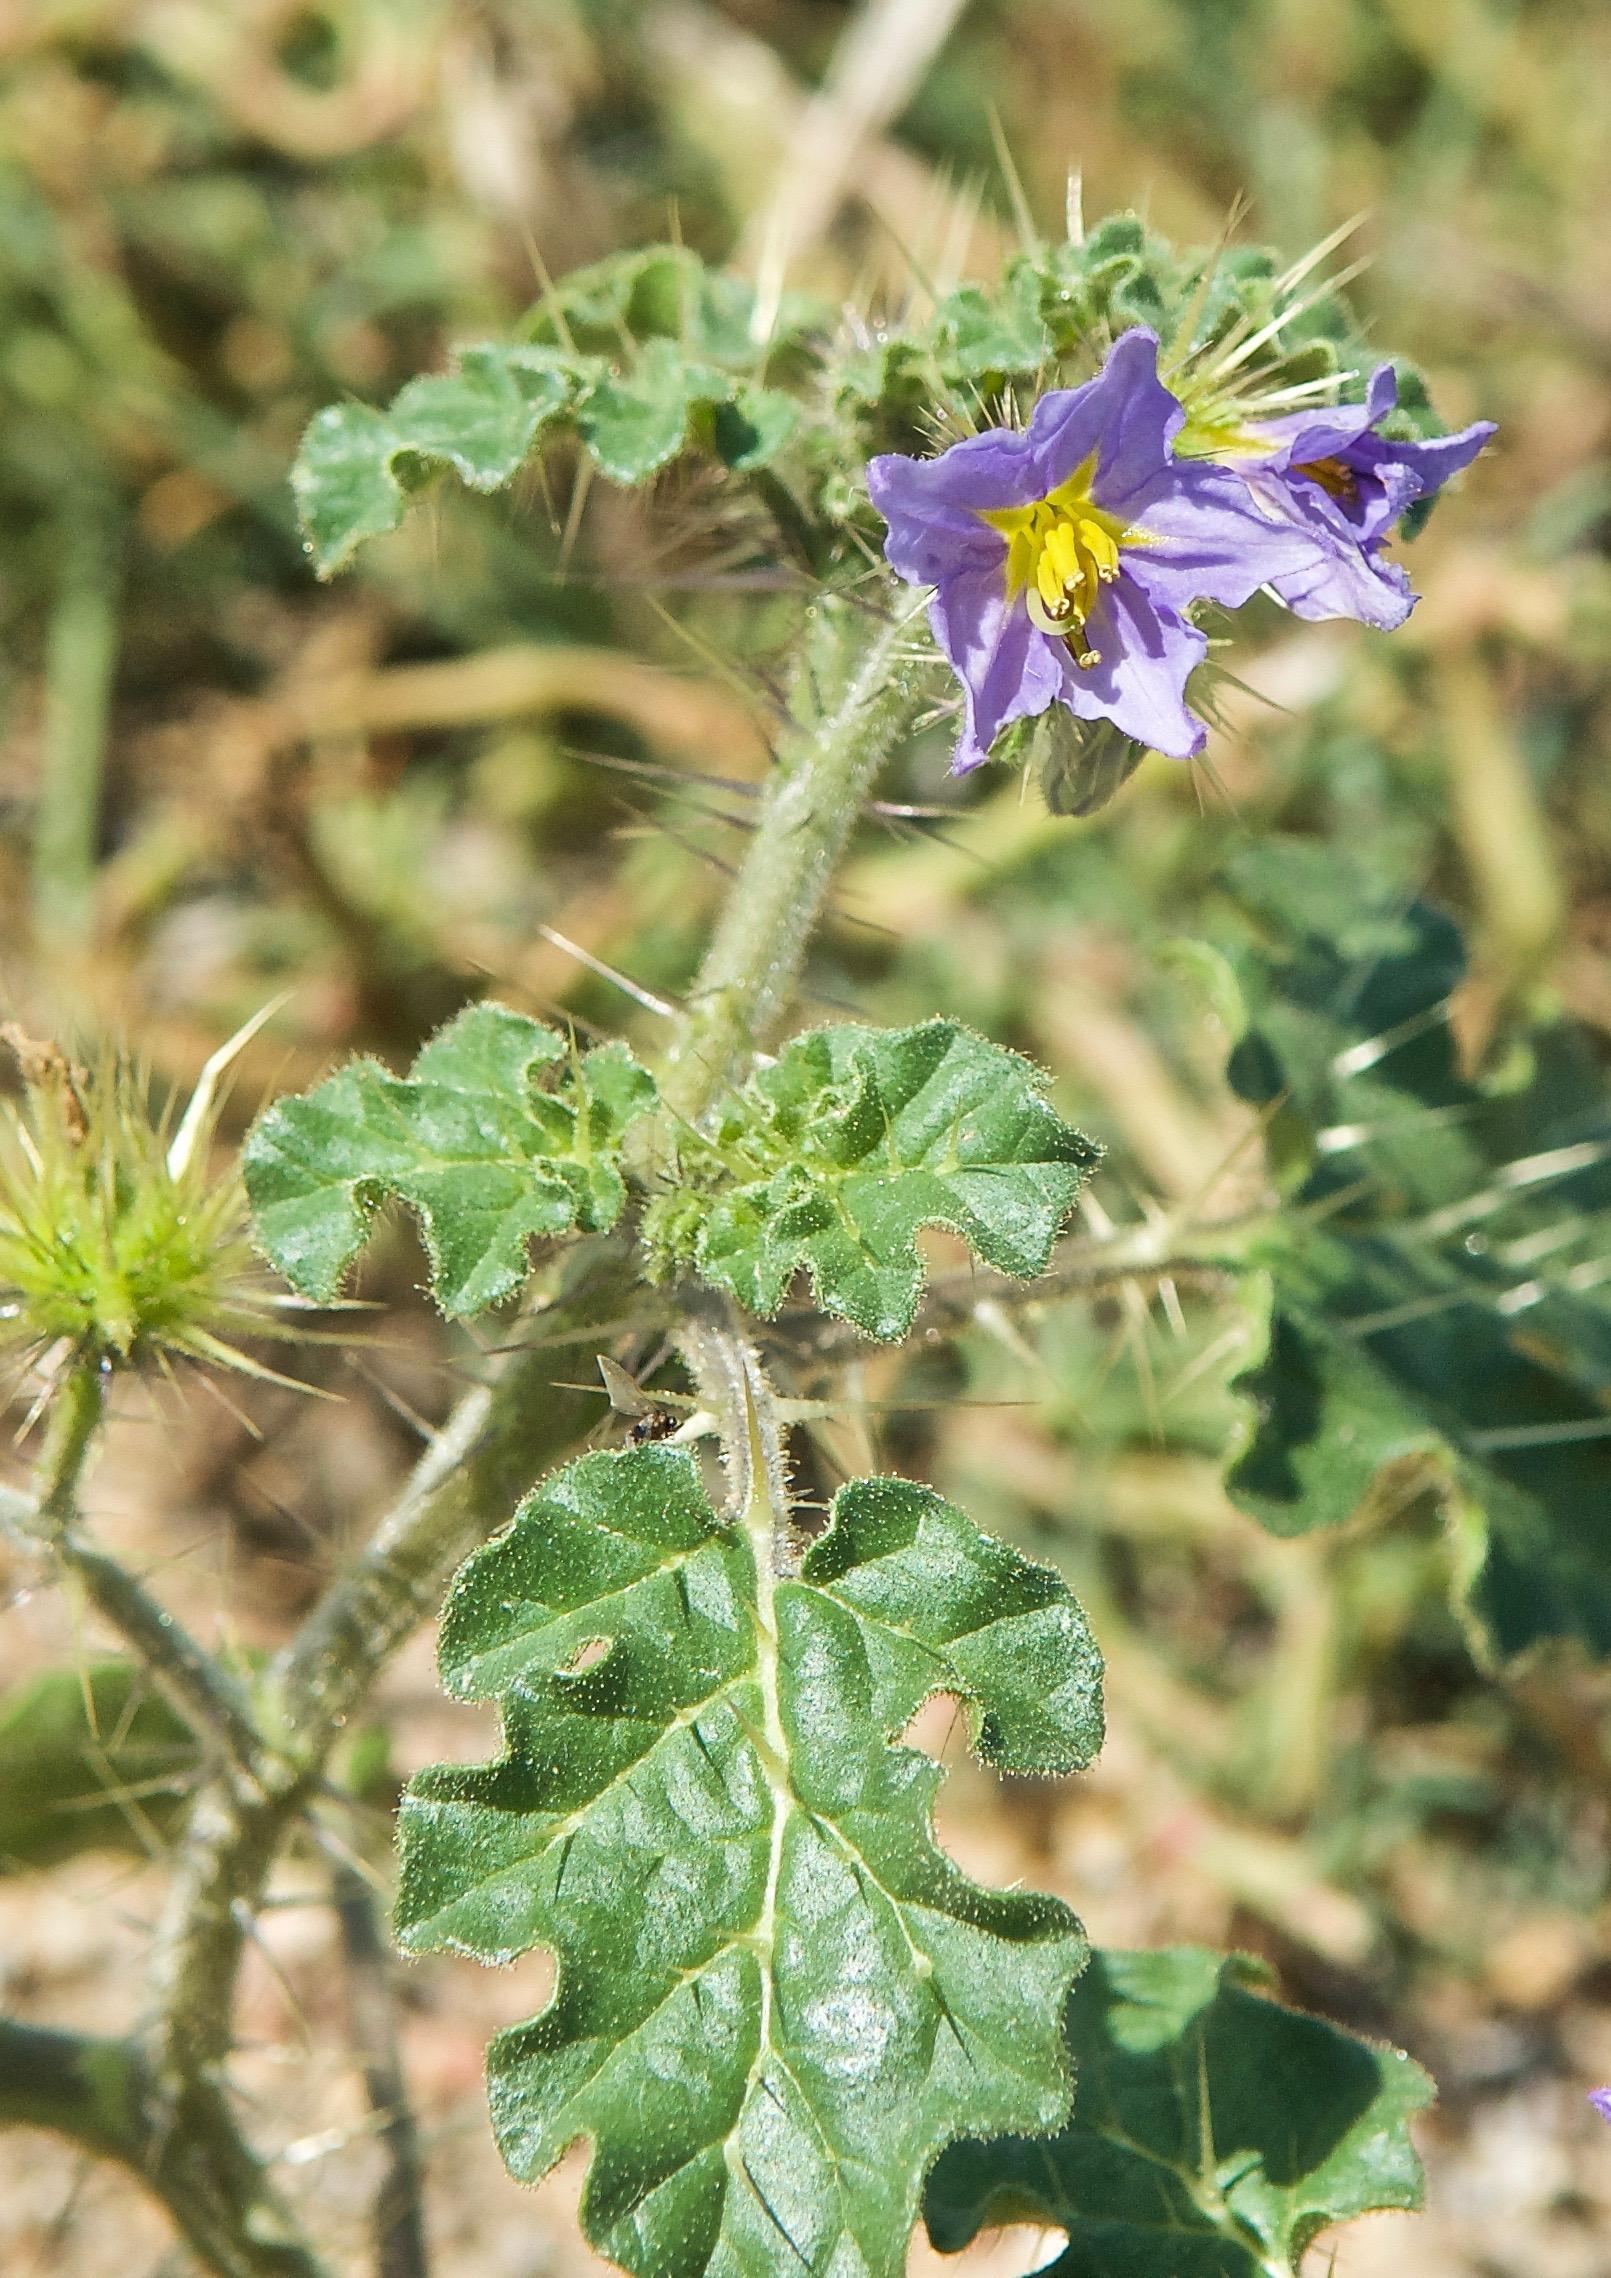 Melonleaf Nightshade (Solanum heterodoxum) (Noxious)